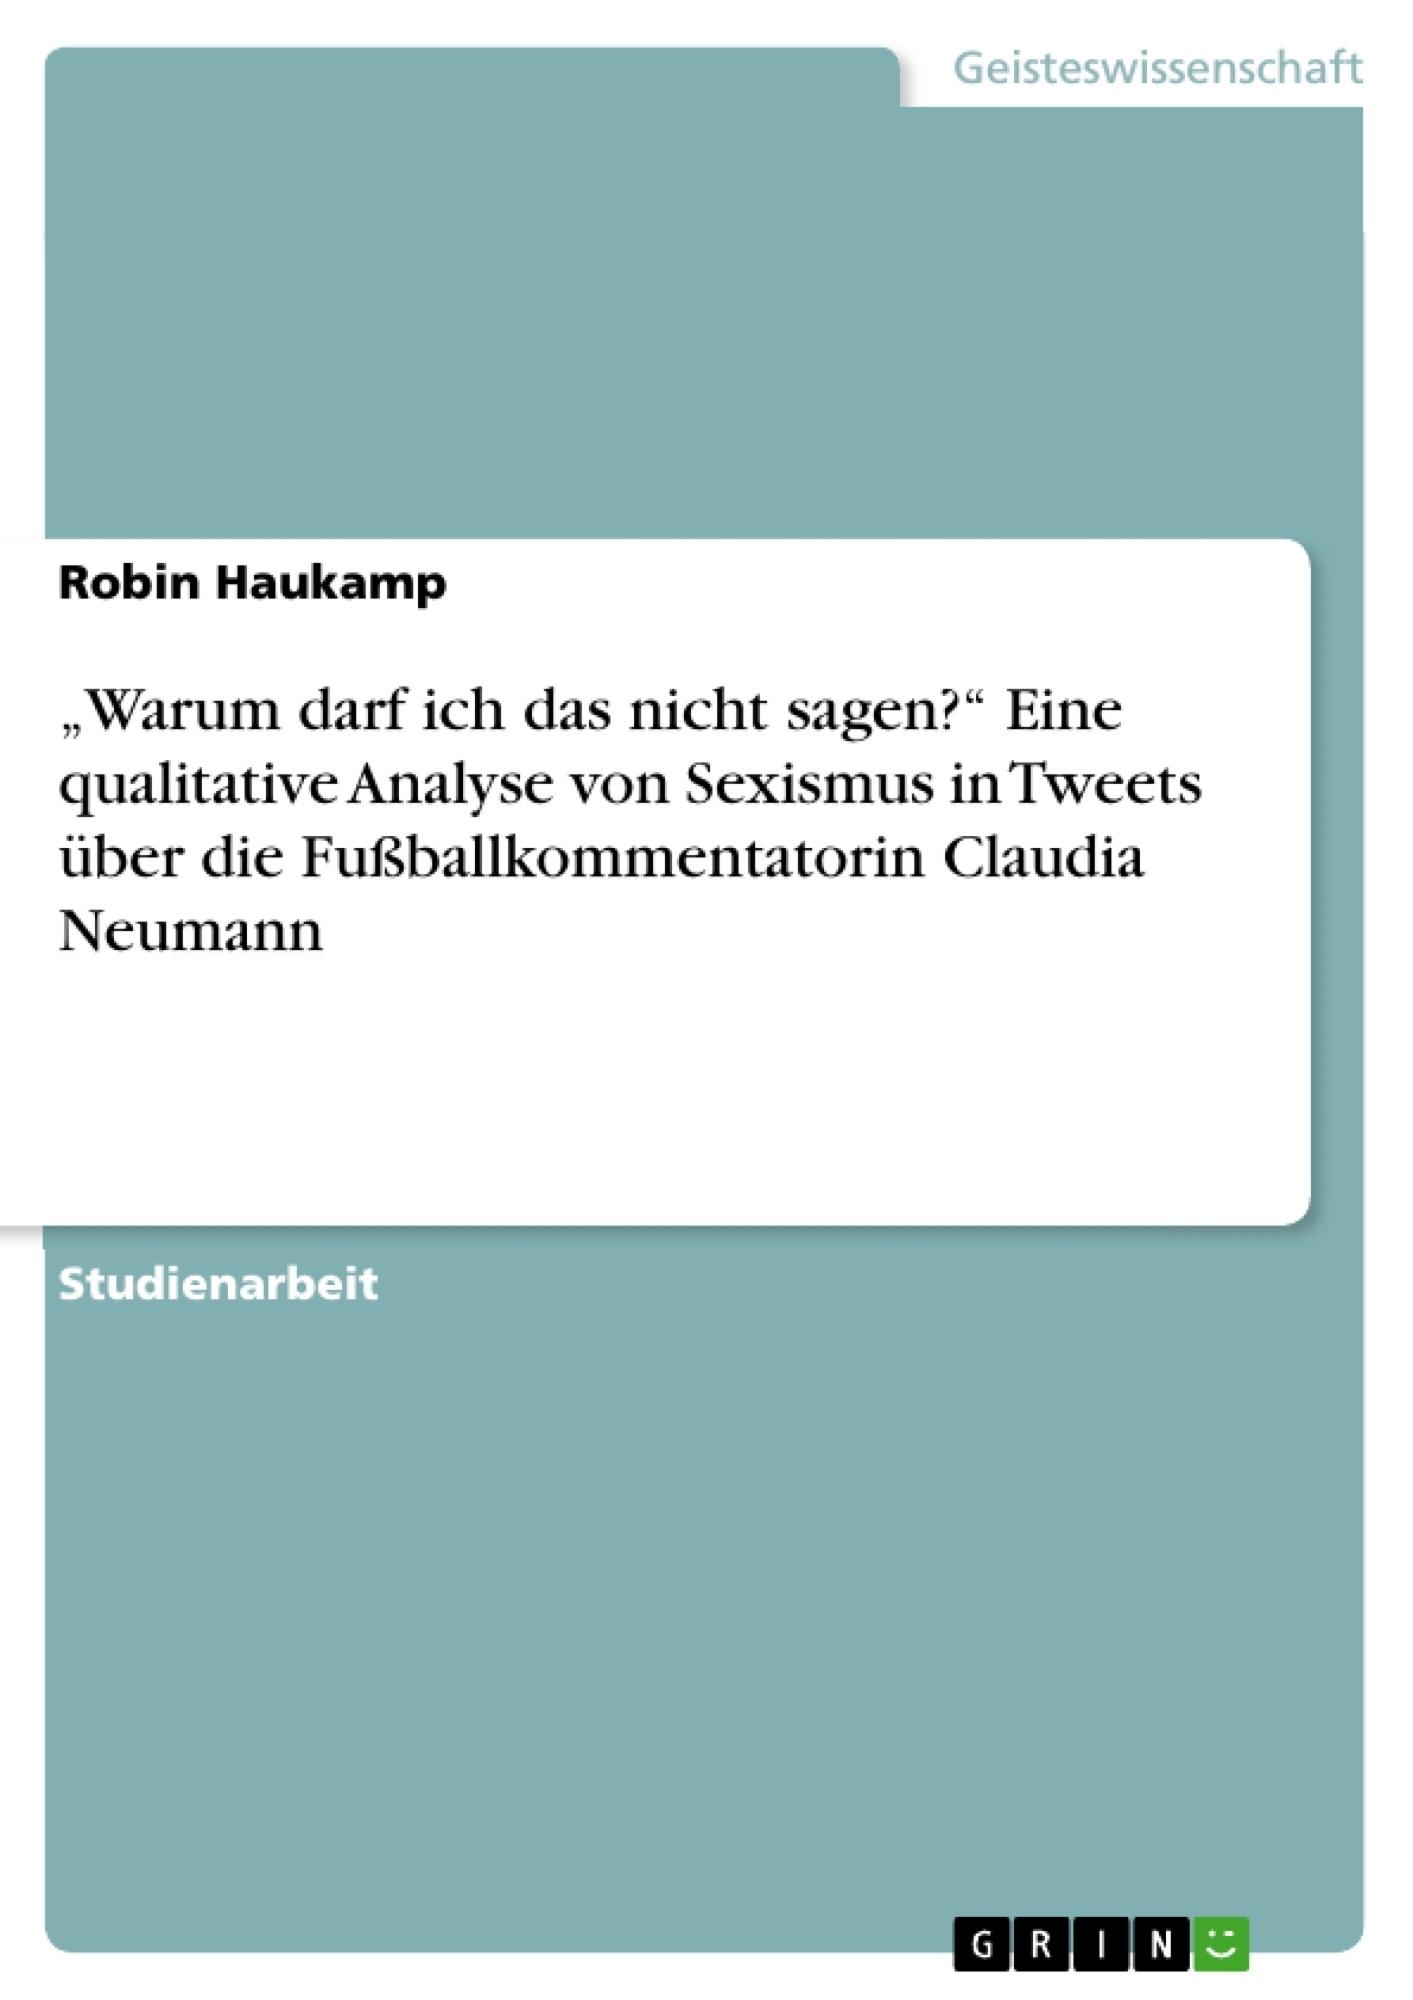 """Titel: """"Warum darf ich das nicht sagen?"""" Eine qualitative Analyse von Sexismus in Tweets über die Fußballkommentatorin Claudia Neumann"""